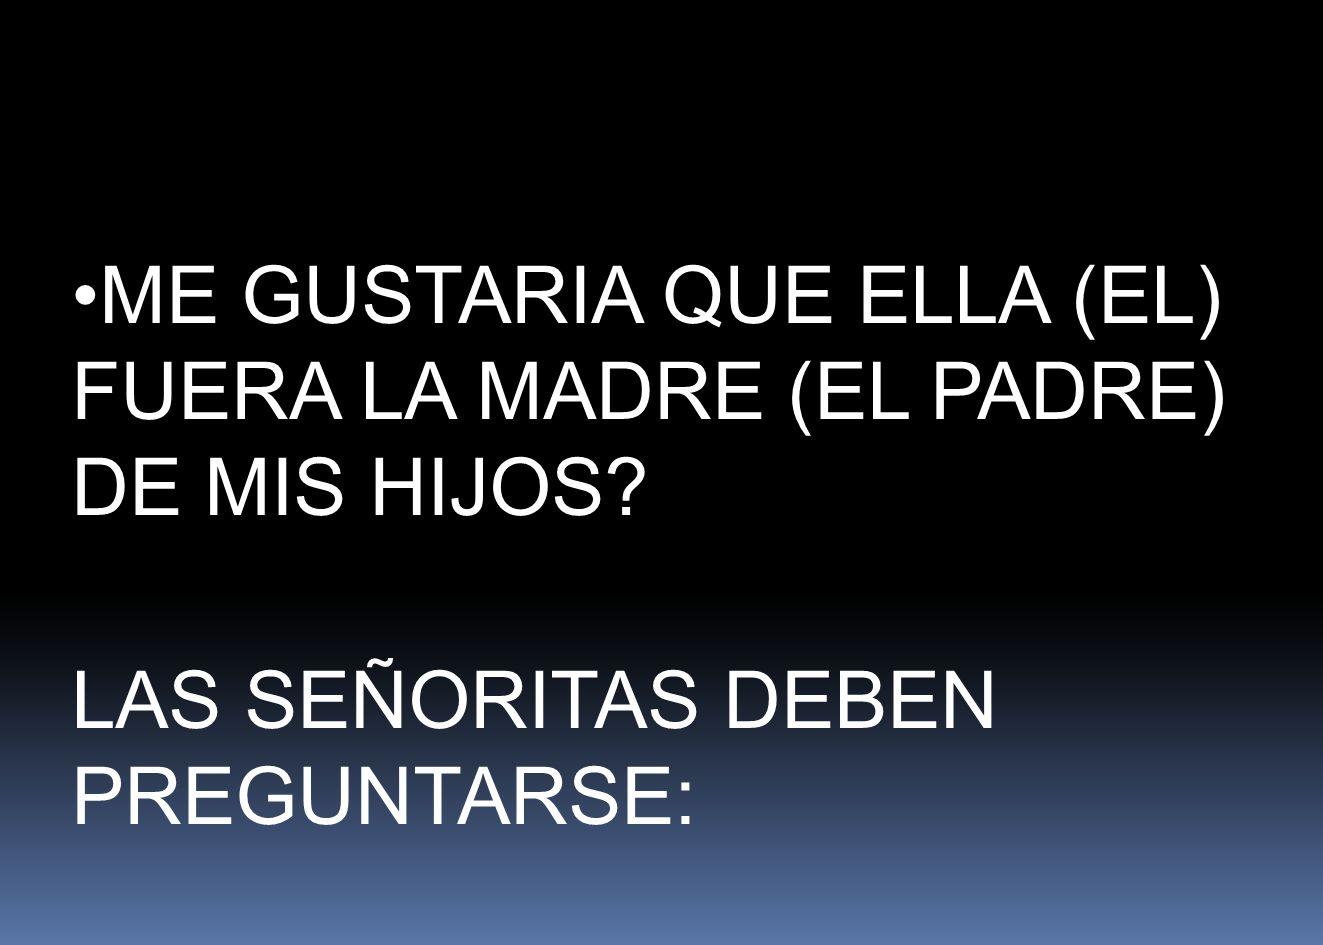 ME GUSTARIA QUE ELLA (EL) FUERA LA MADRE (EL PADRE) DE MIS HIJOS